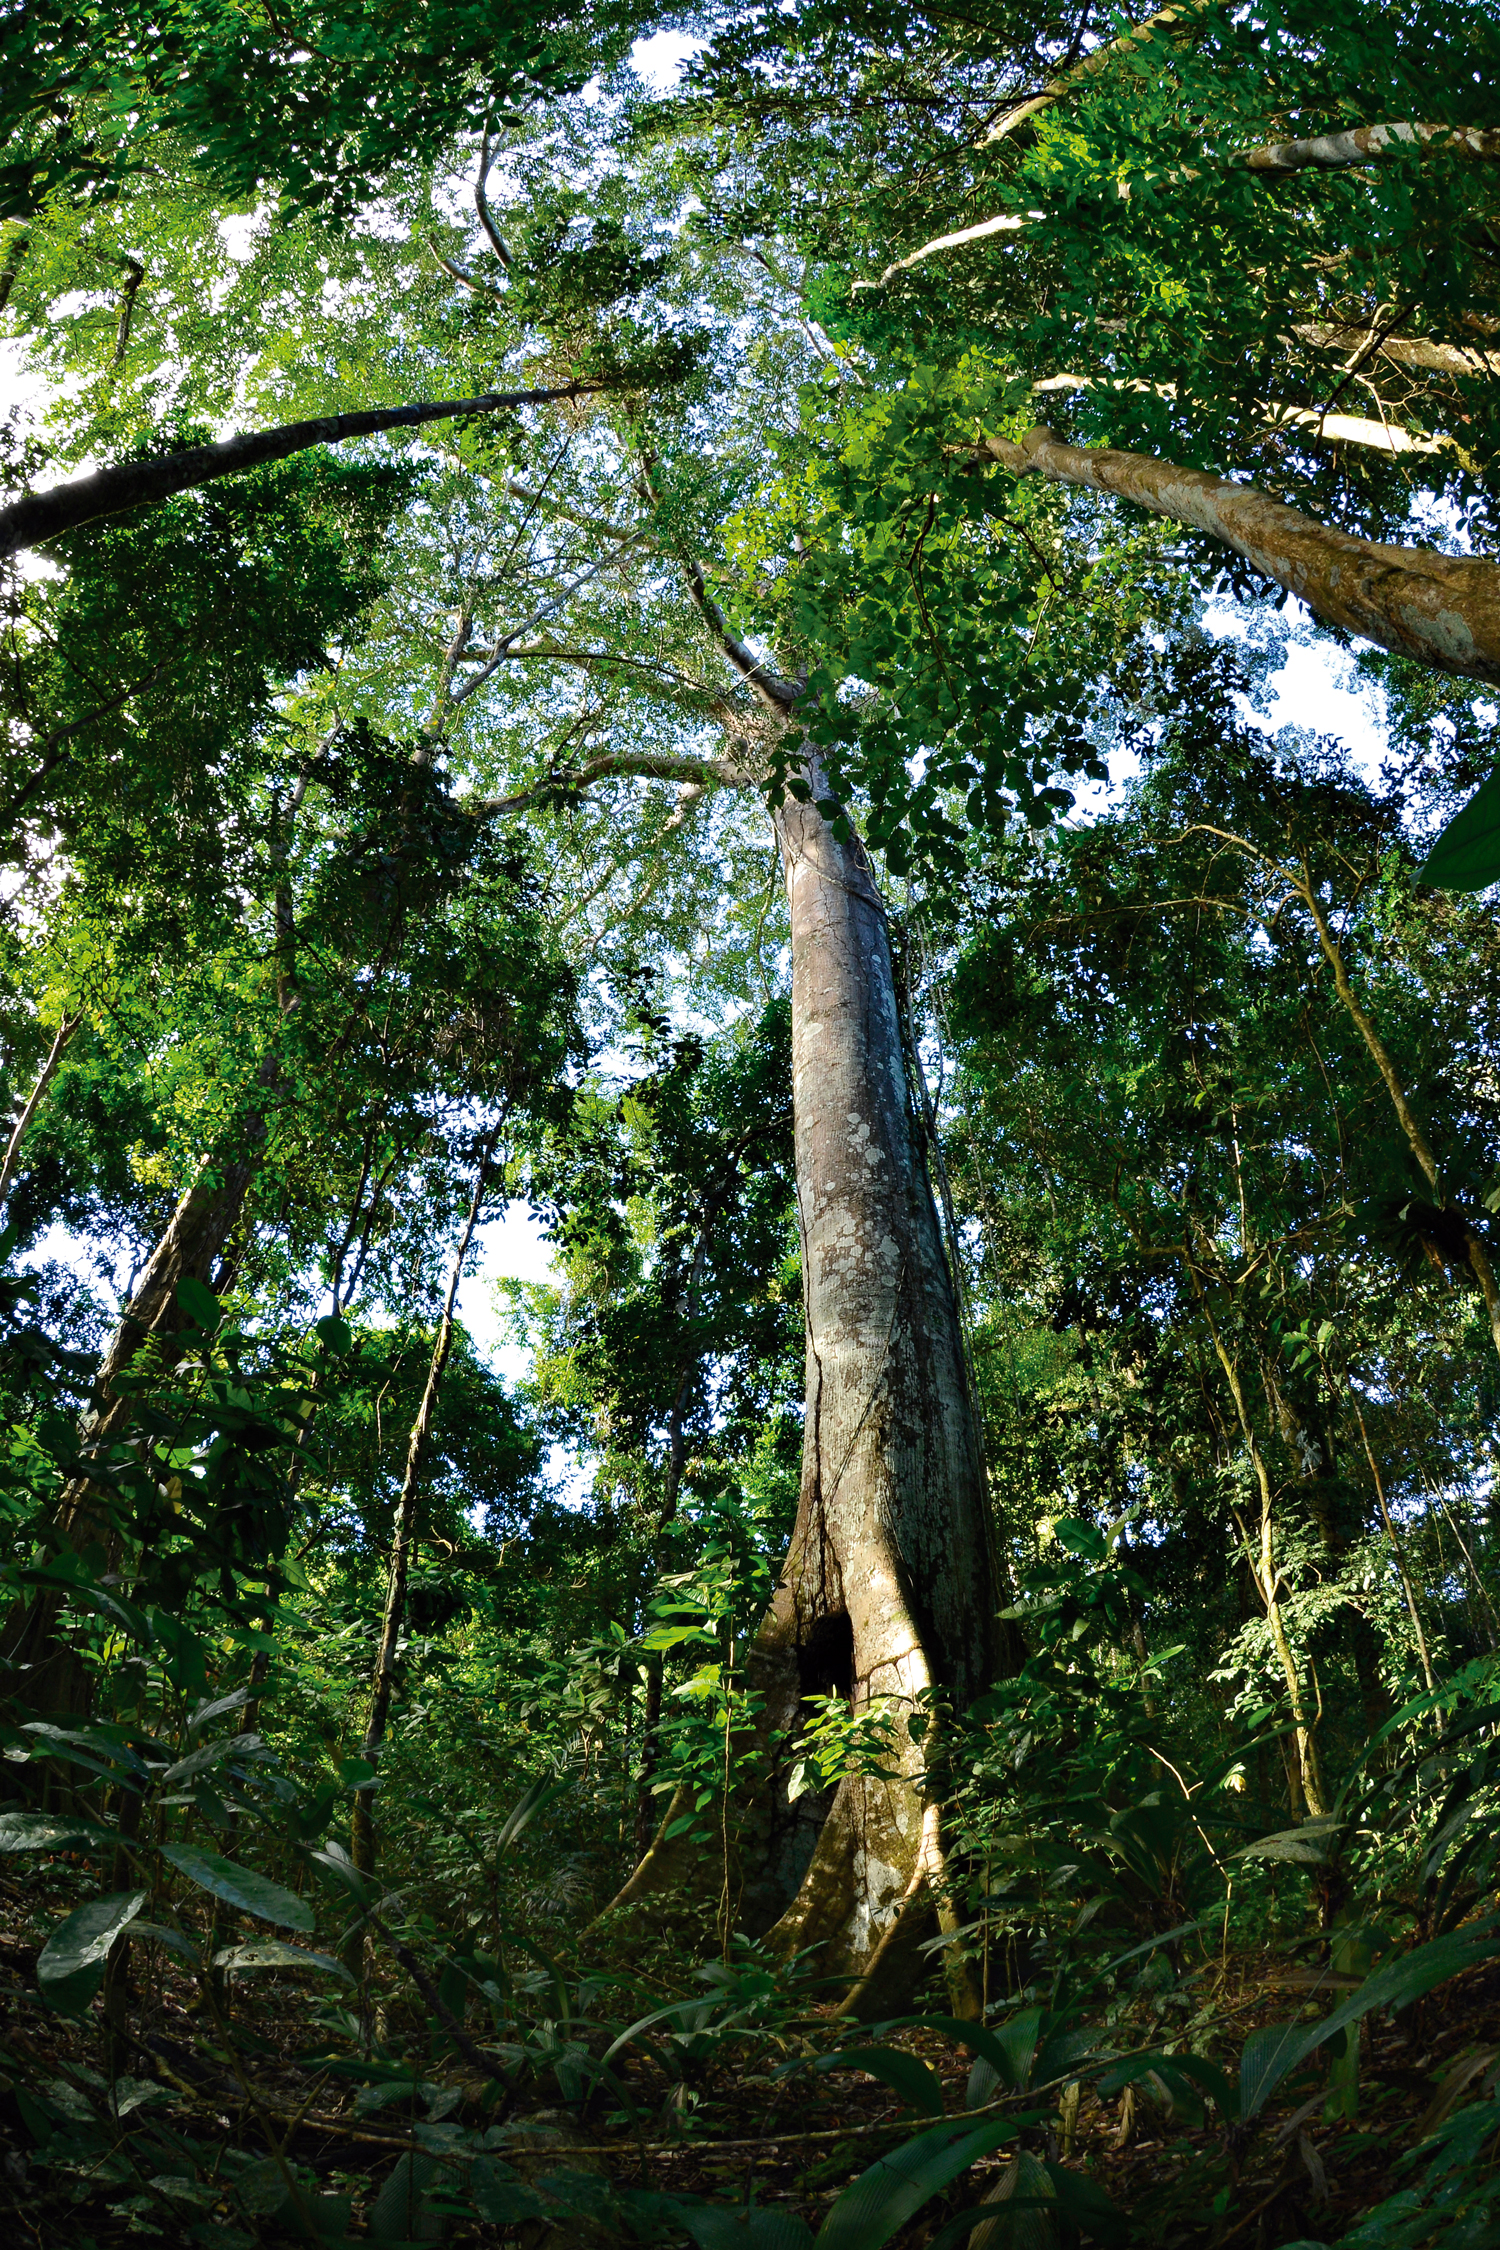 Amazônia: Área protegida apoiada pelo Arpa (Áreas Protegidas da Amazônia), no Parque Nacional do Juruena – Amazonas